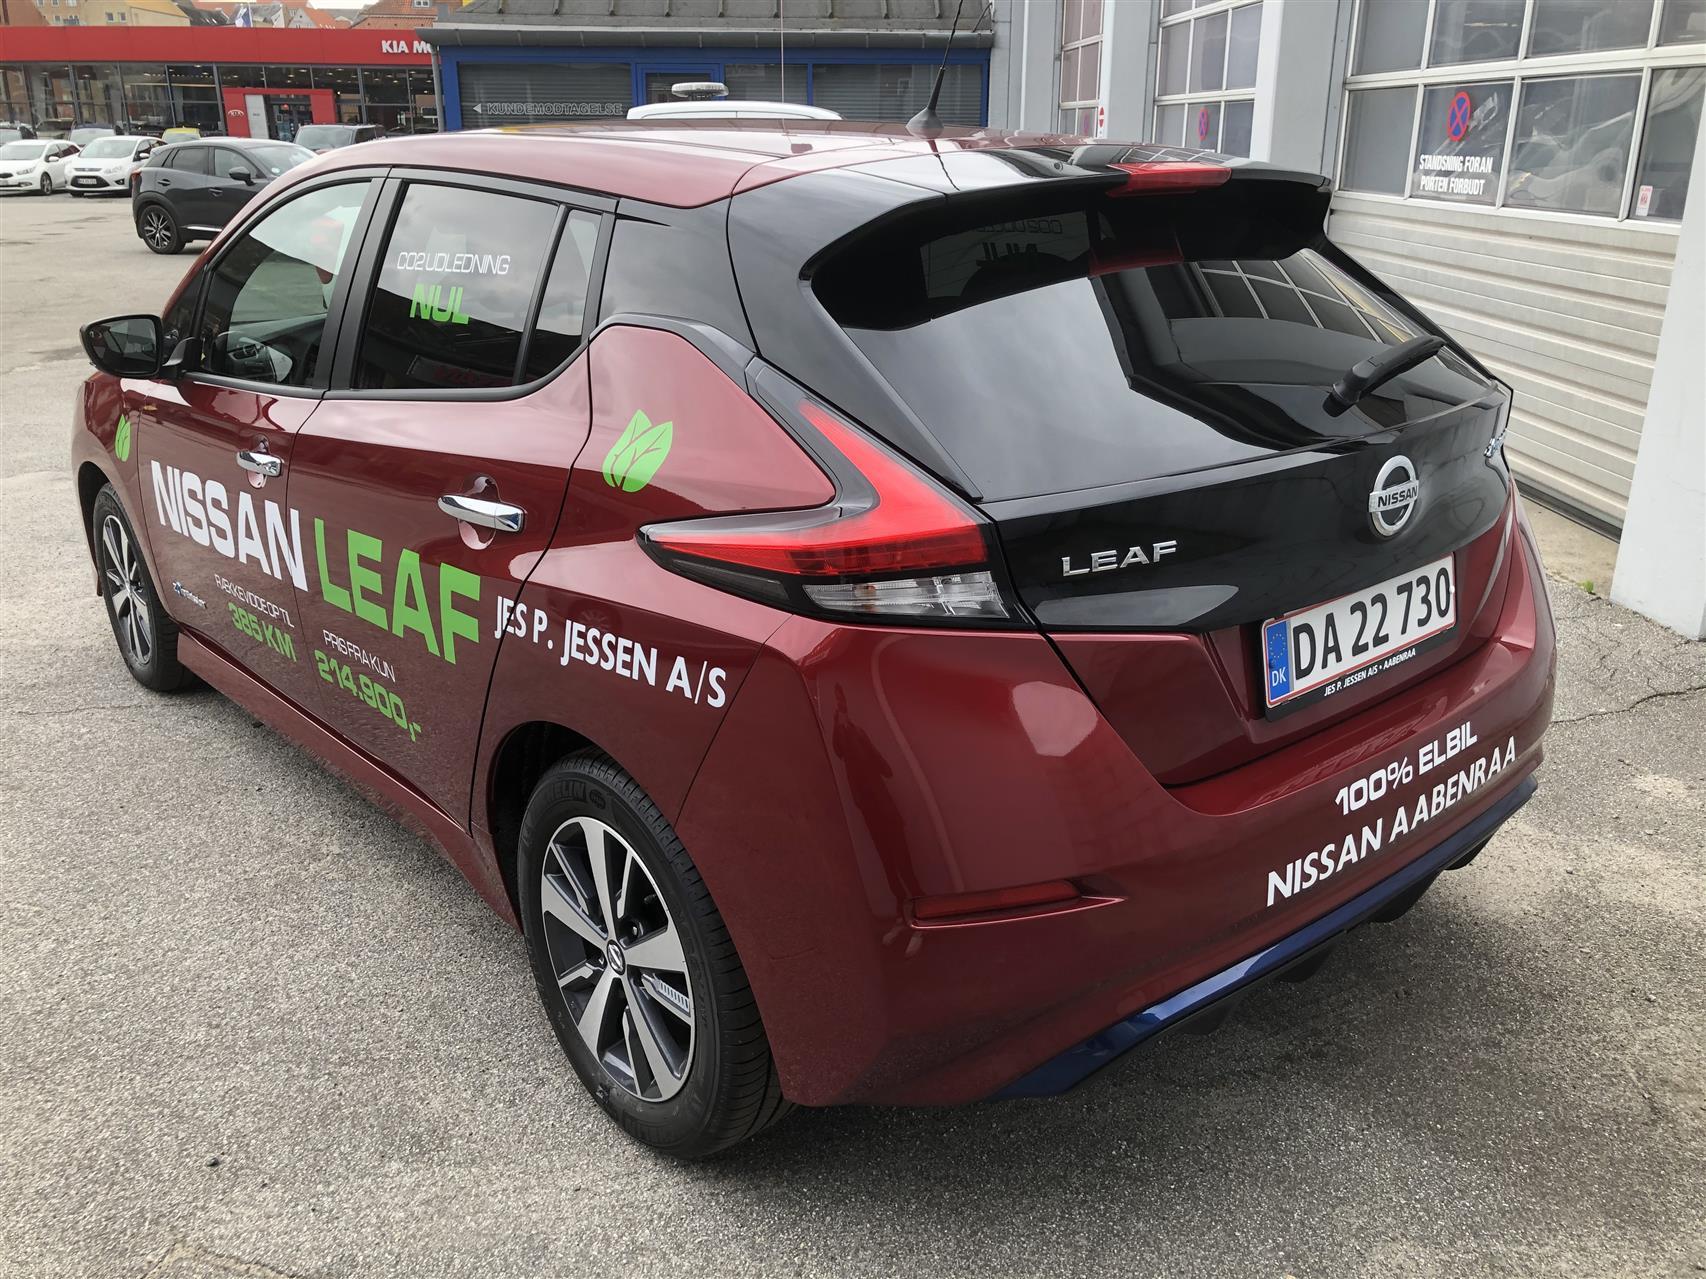 Billede af Nissan Leaf EL Acenta 40 kWh 150HK 5d Aut.